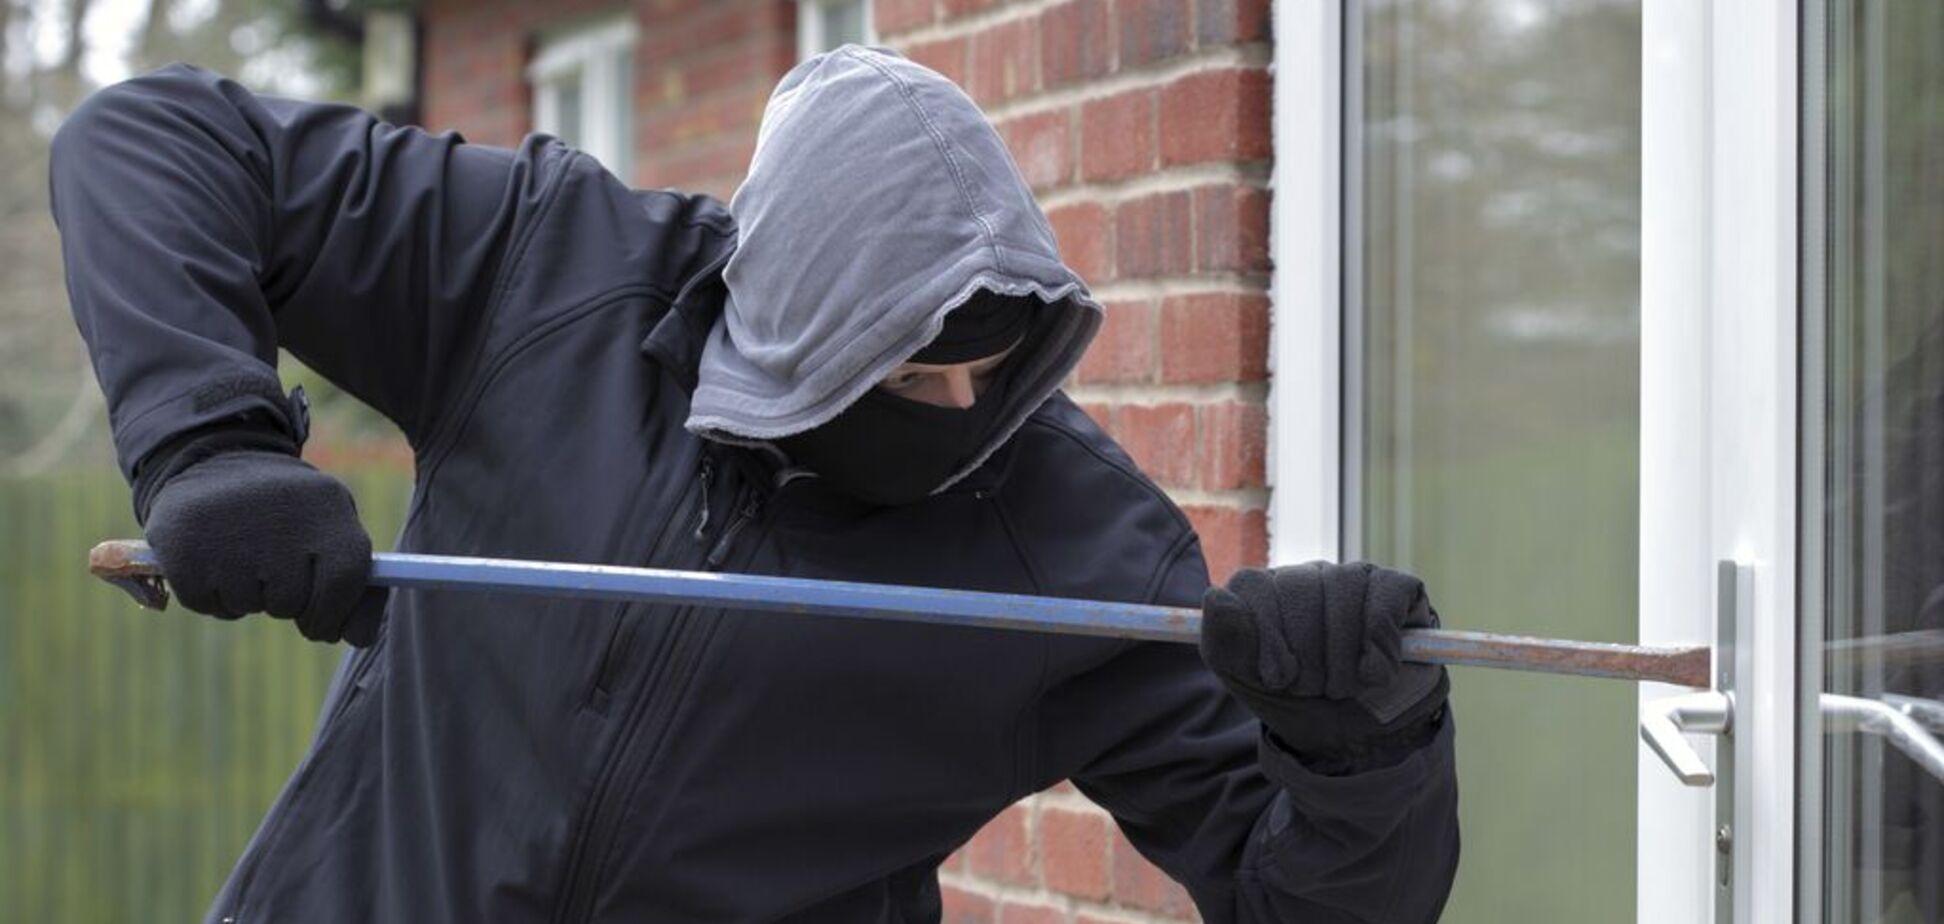 Вломилися в будинок: у Дніпрі напали на сім'ю відомого бізнесмена